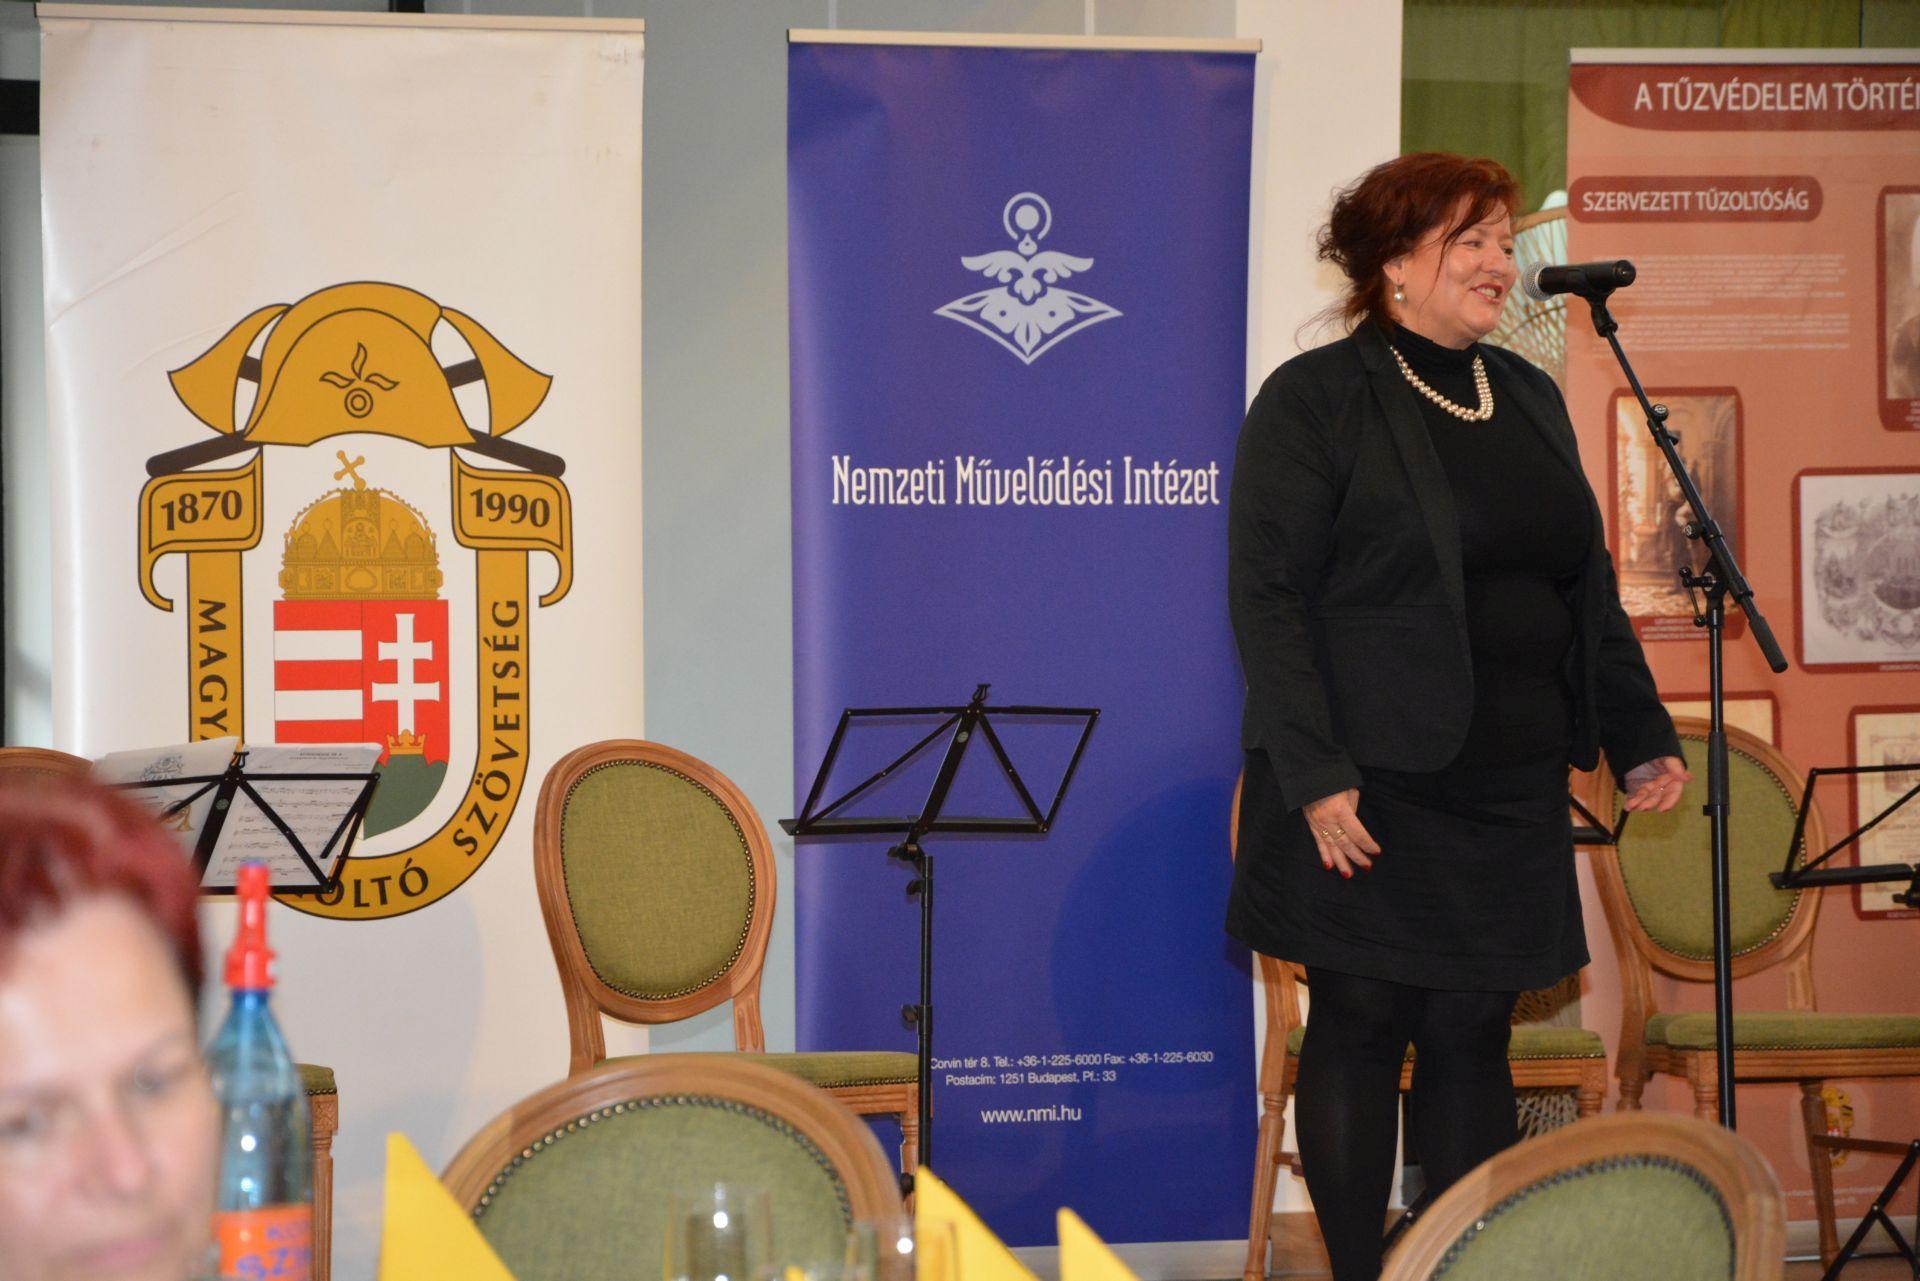 Török Károlyné, a Nemzeti Művelődési Intézet Szakmai Mintaprogram Központ vezetője